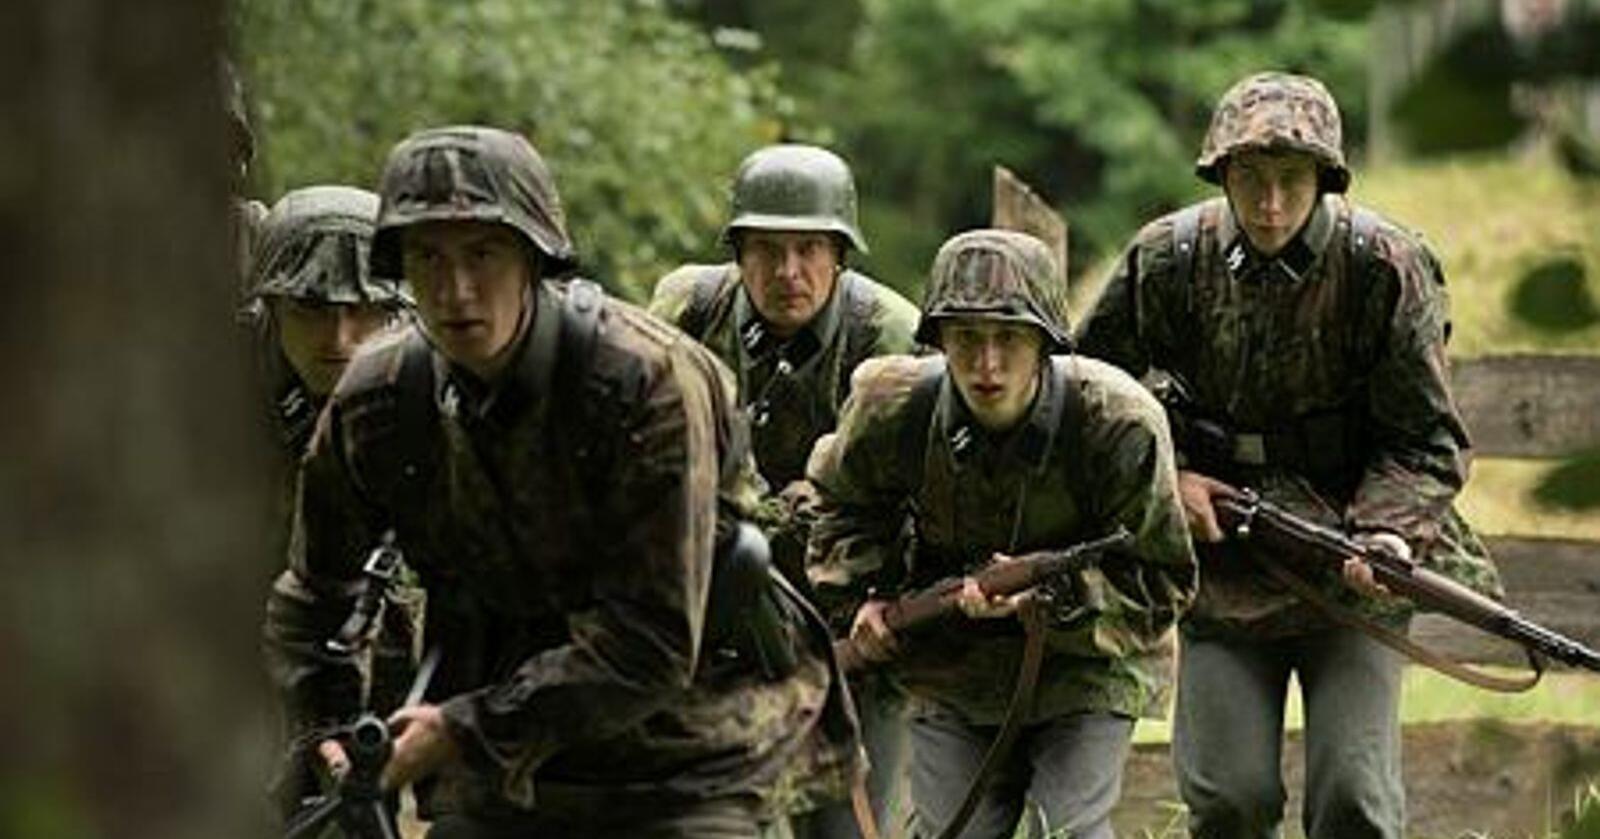 Dokumentar eller spillefilm? : «Frontkjemperne» dramatiserer  krigshendelser. Det gir en flytende grense mellom fakta og fiksjon. Foto: Lukas Salnas/Filmavdelingen AS/NRK